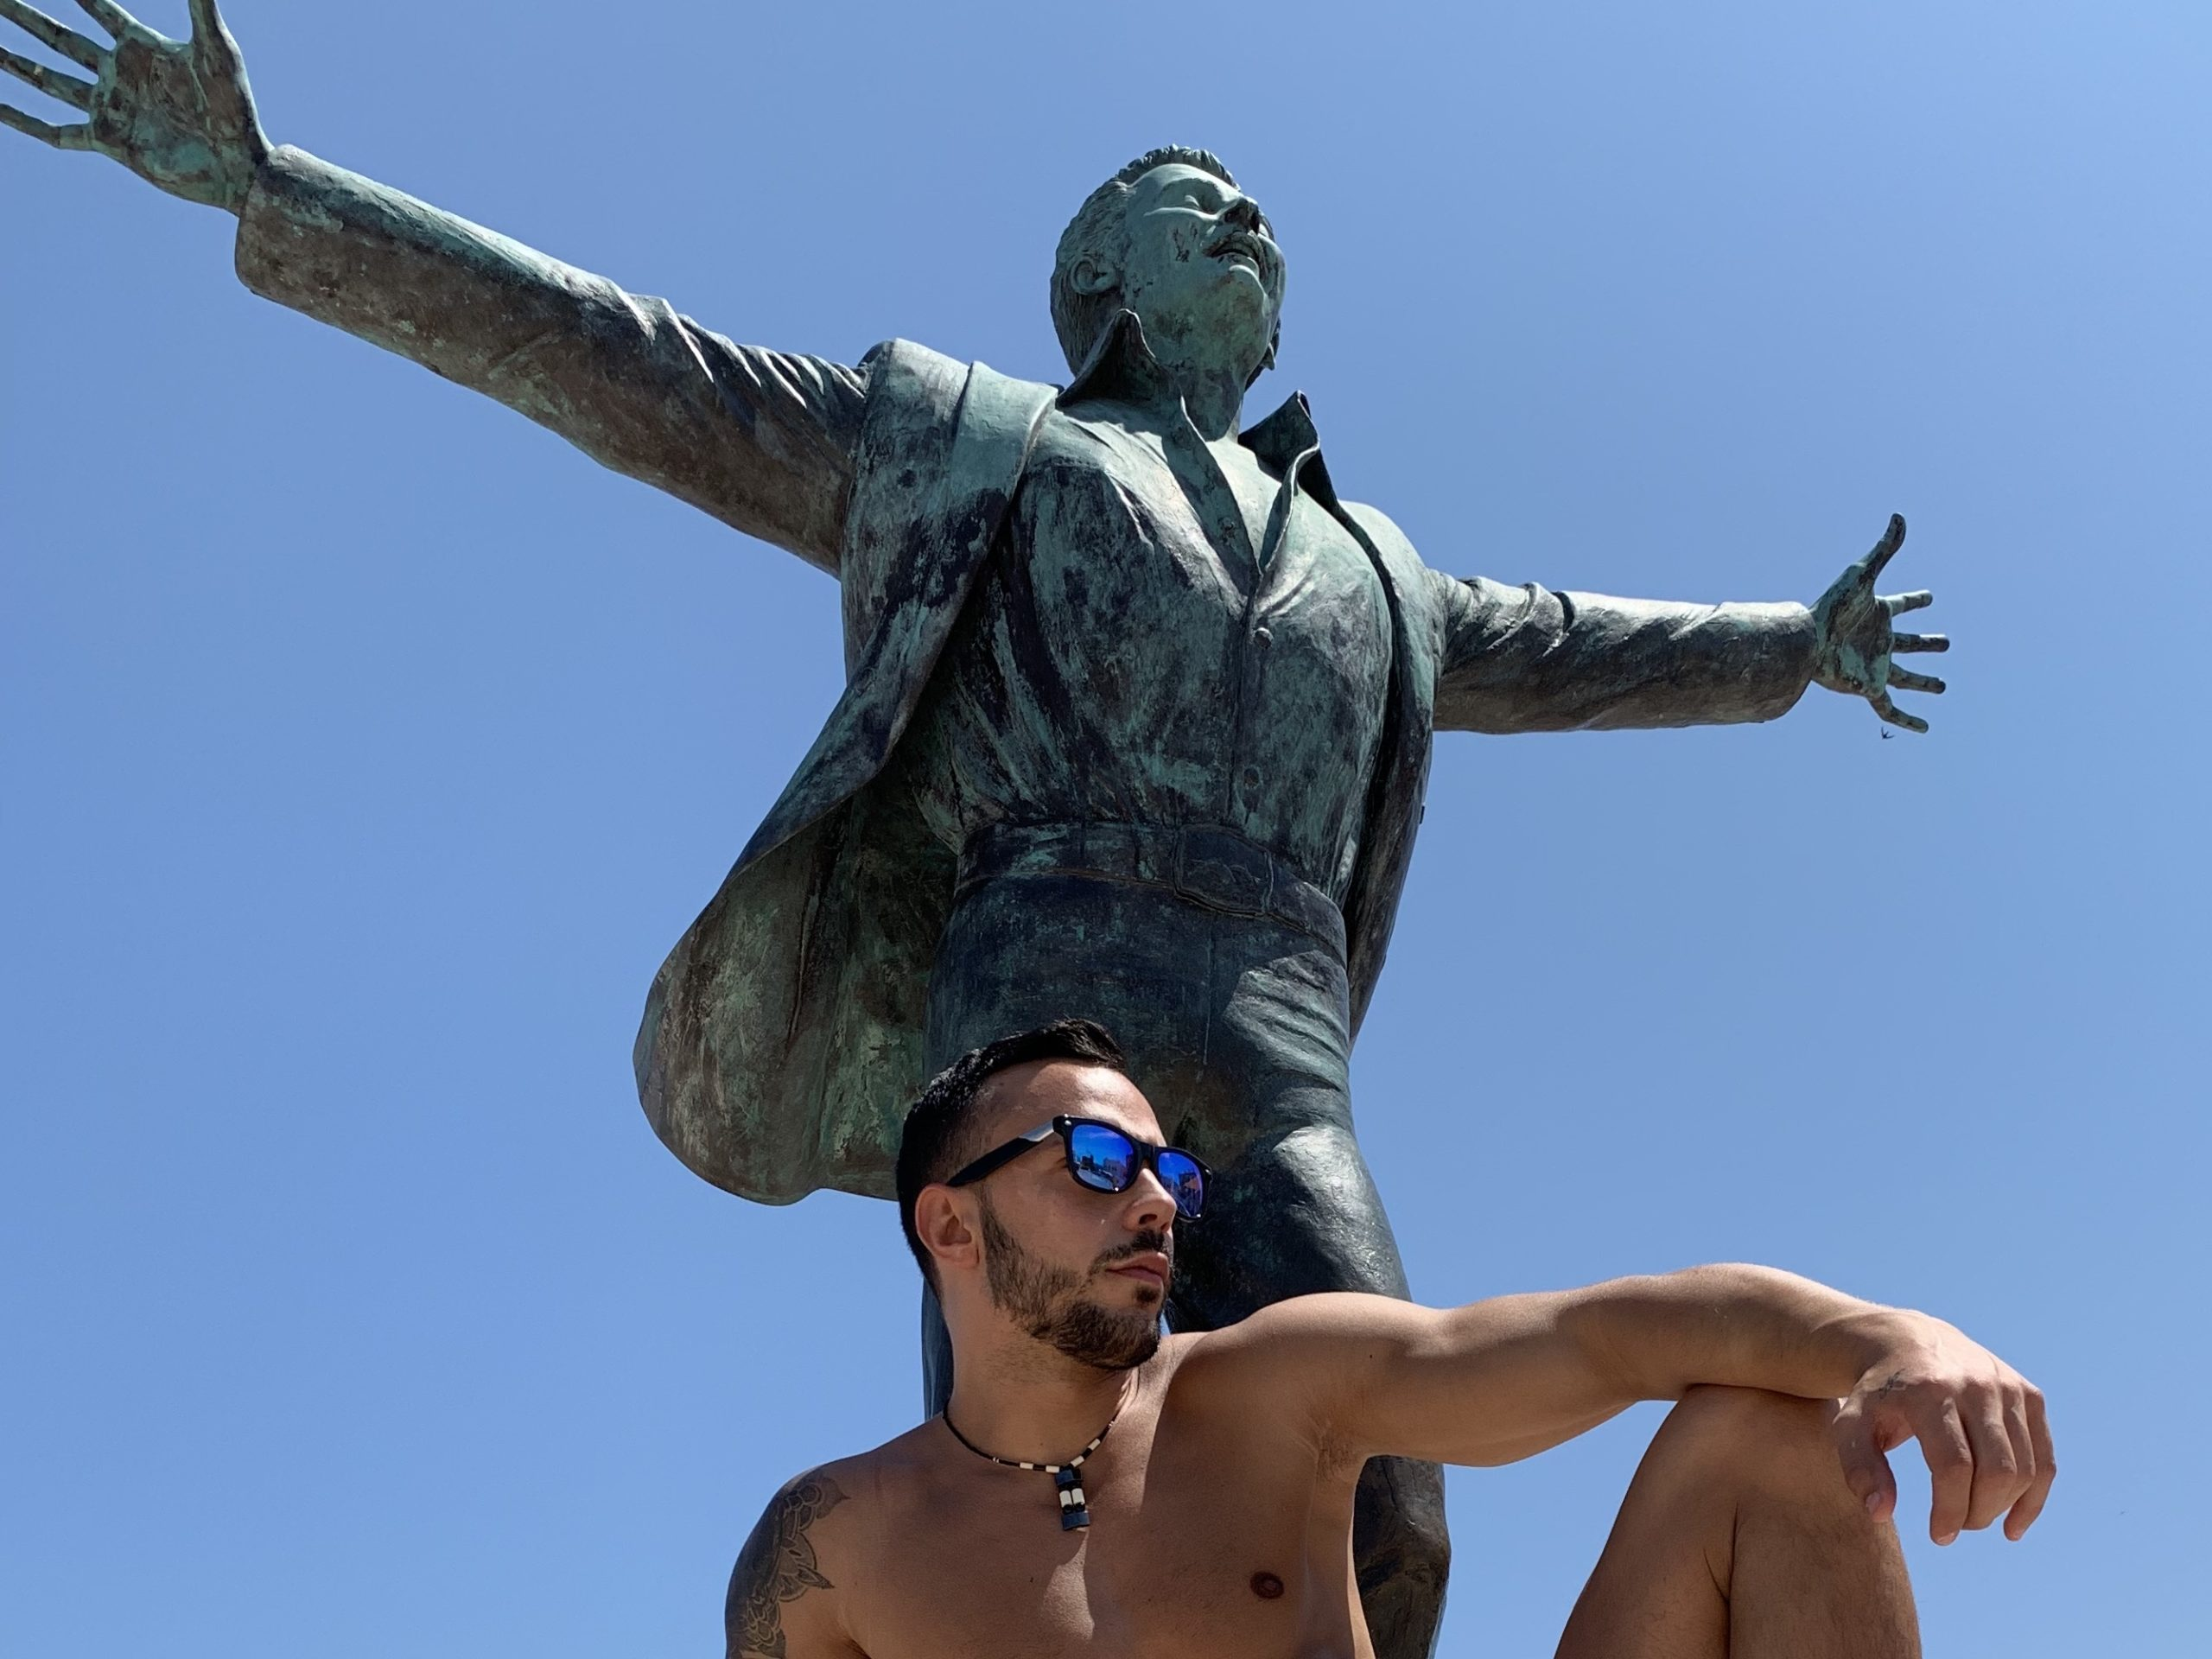 Volare - the statue of Domenico Modugno, Polignano a Mare's most famous son. Nel blu di pinto di blu...